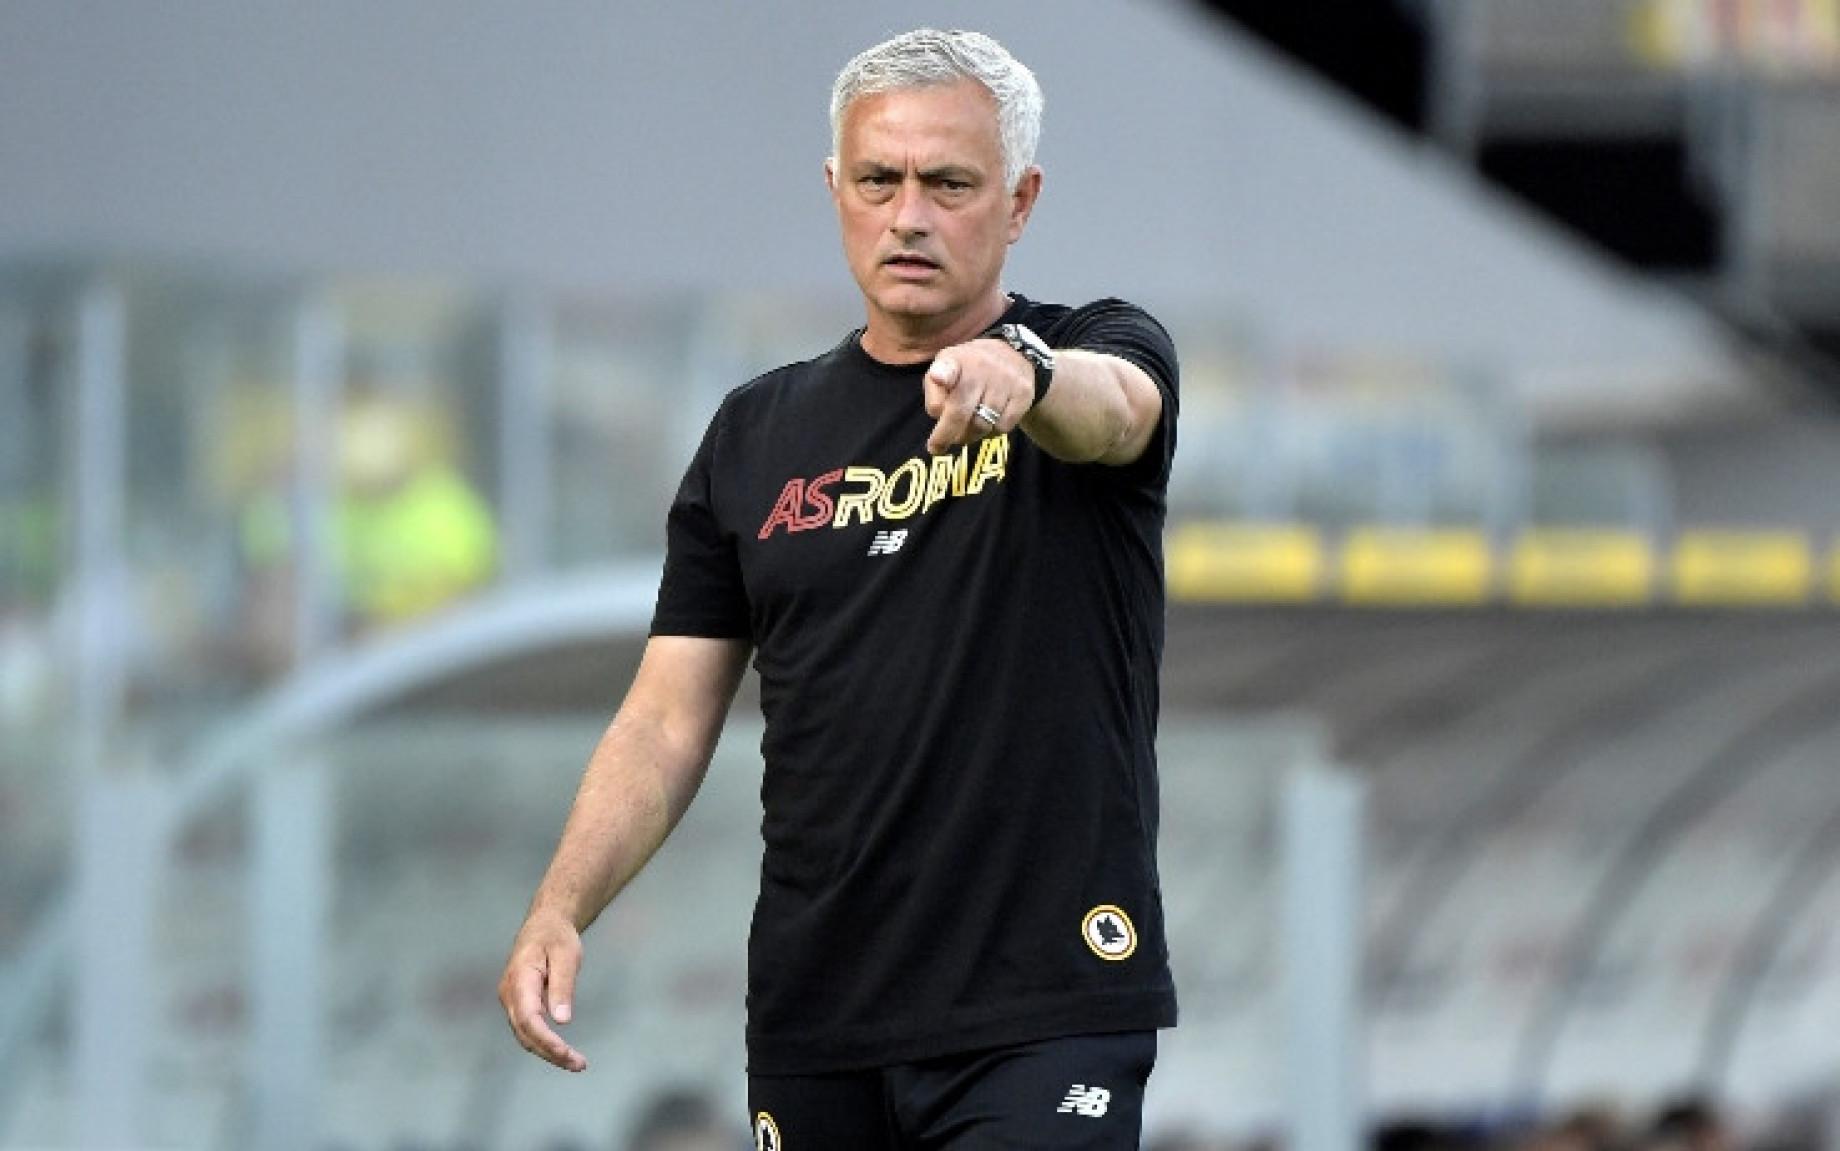 mourinho-roma-image-2.jpg